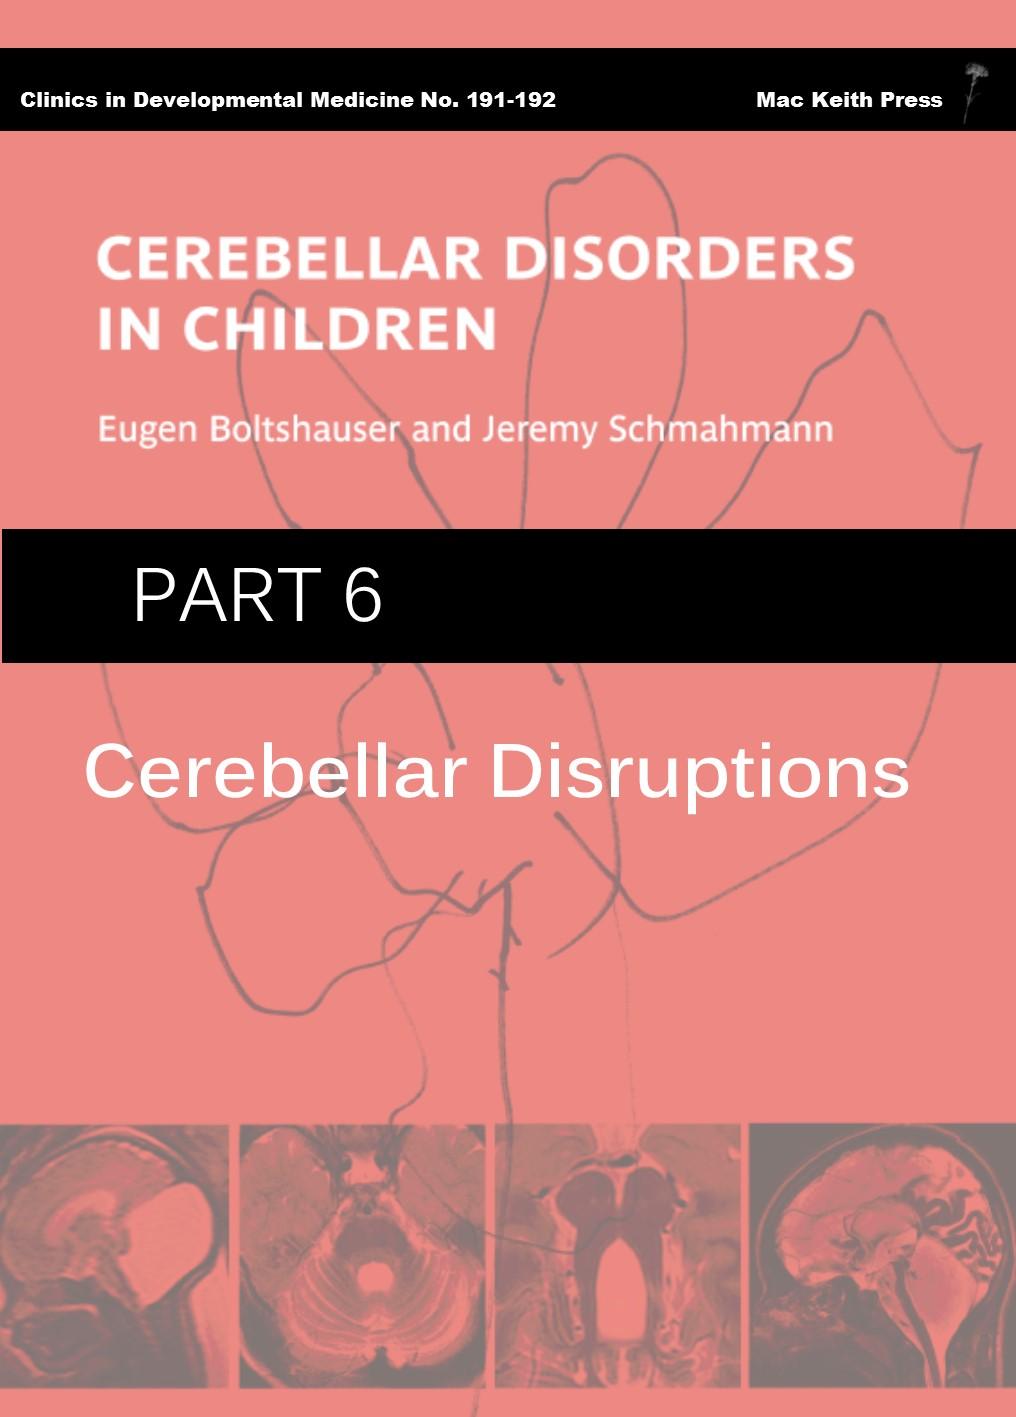 Cerebellar Disorders in Children - Part 6: Cerebellar Disruptions COVER